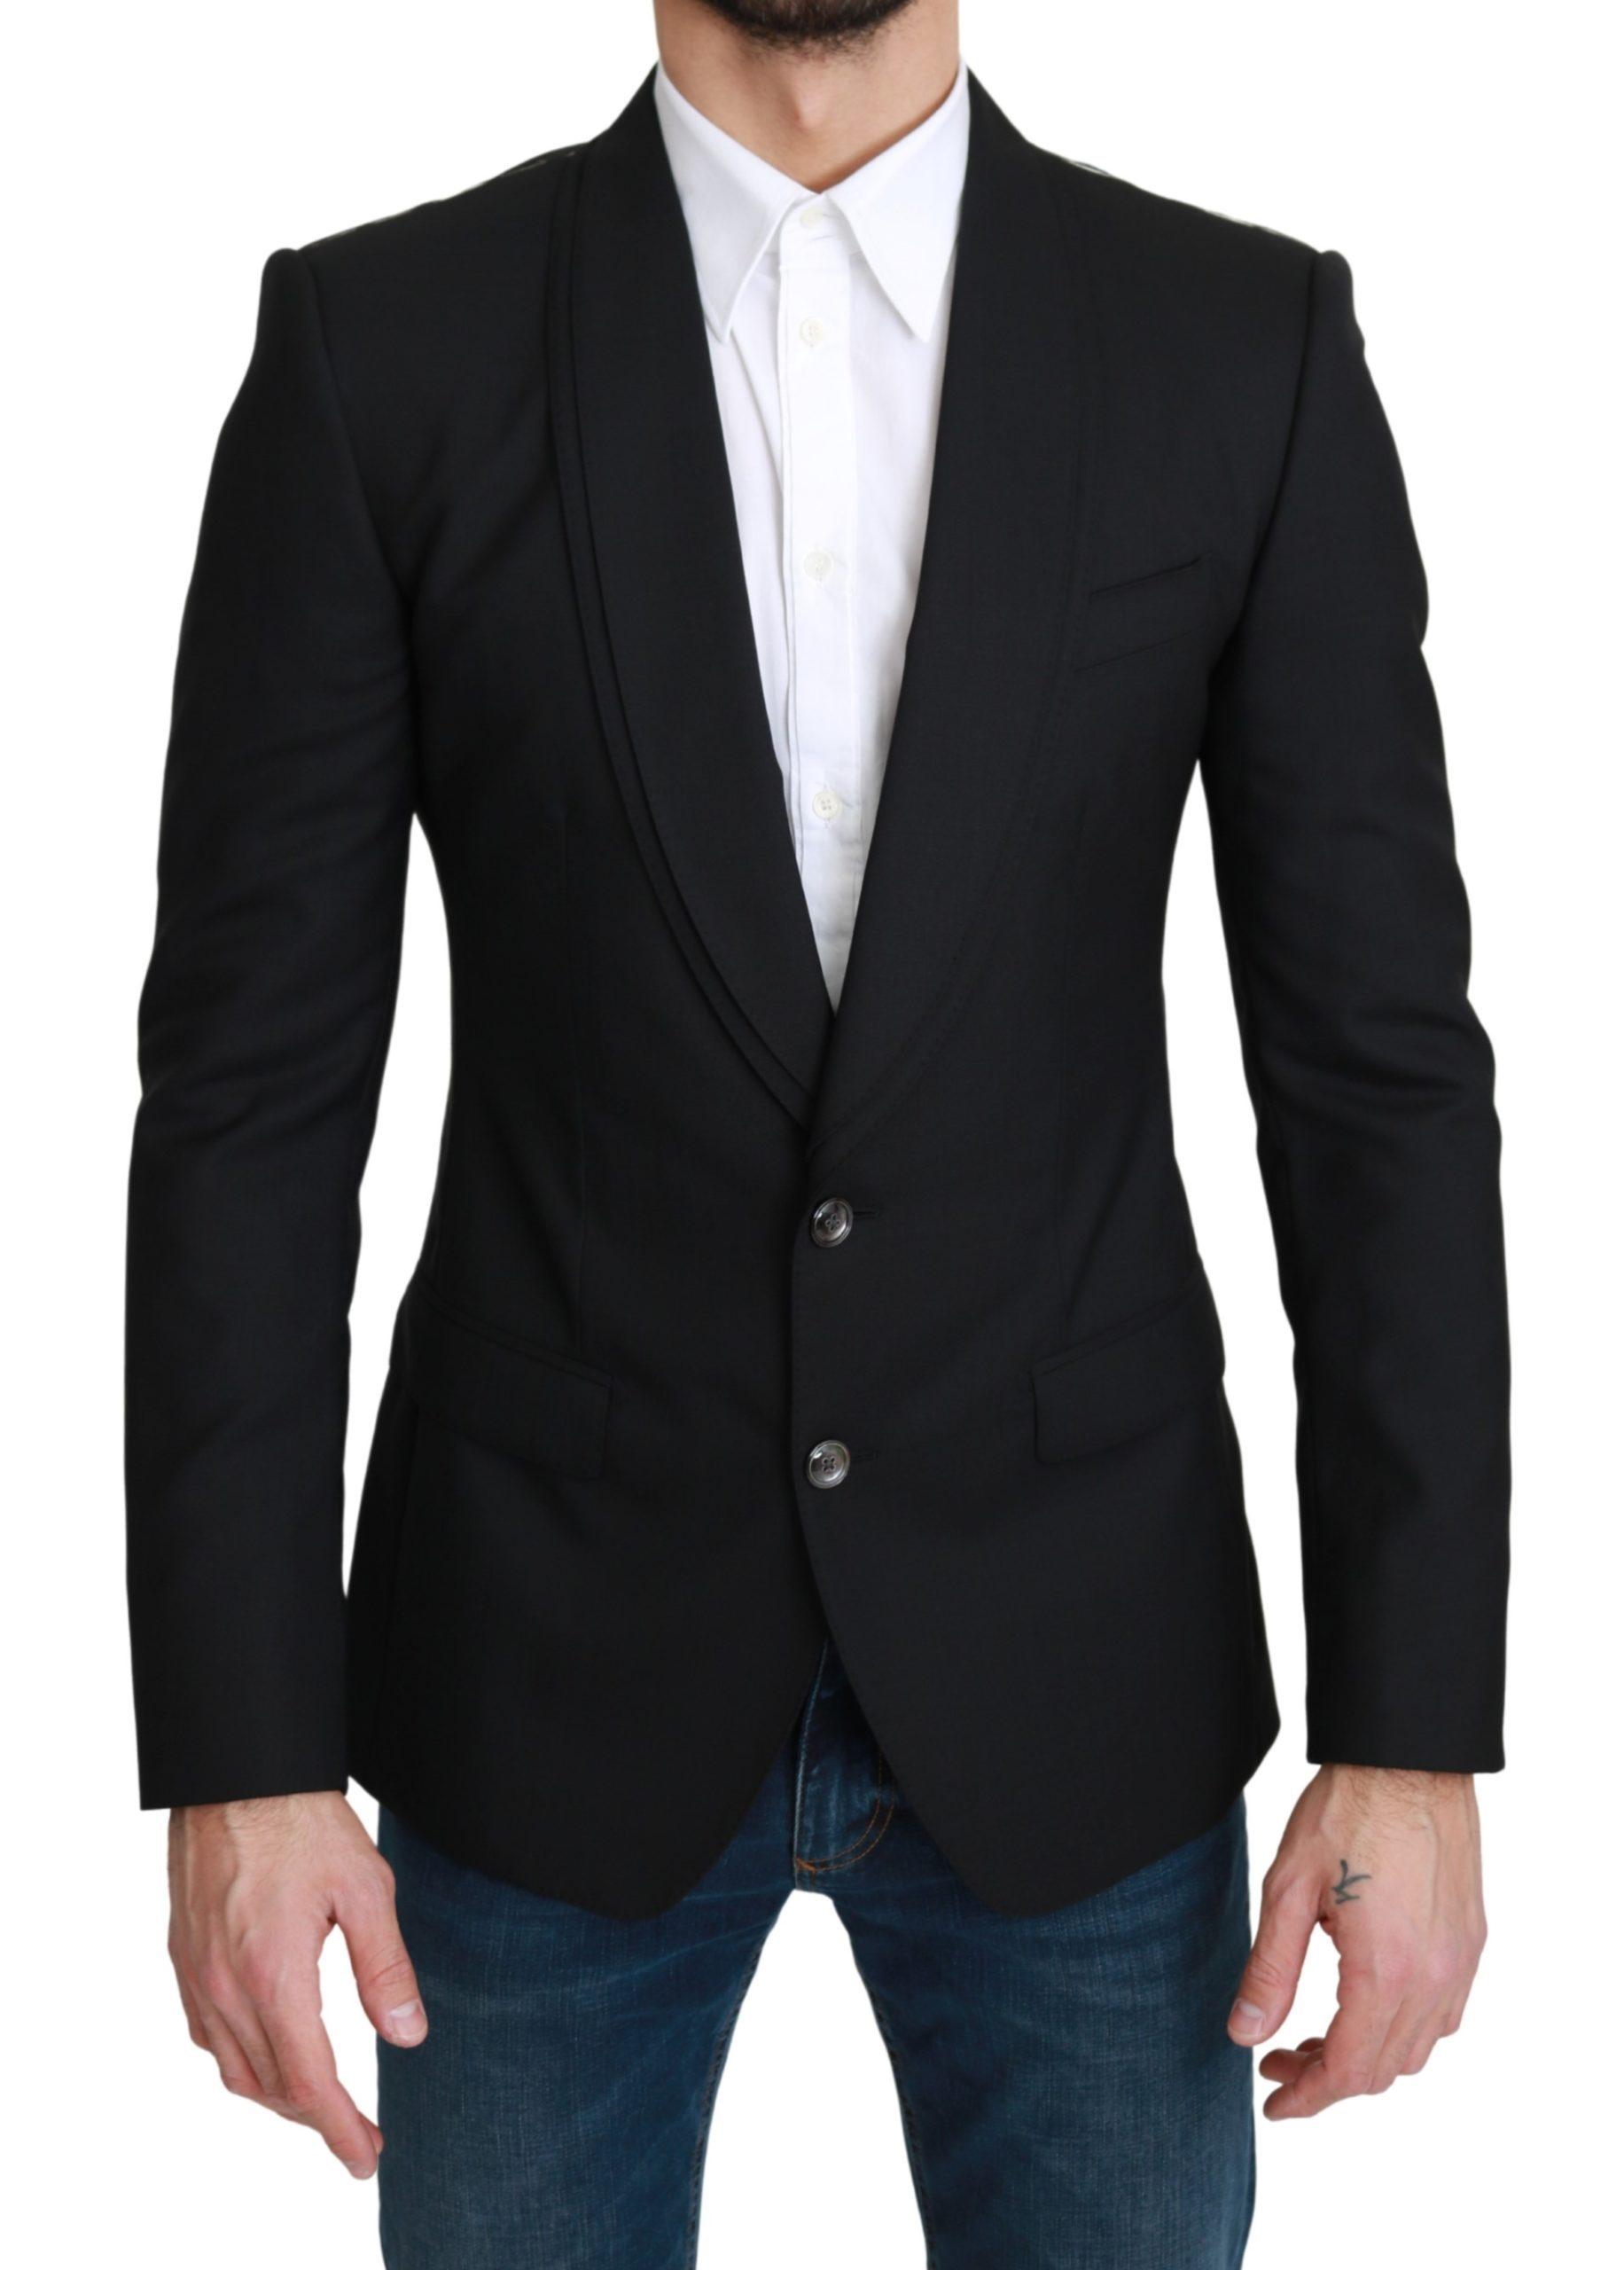 Dolce & Gabbana Men's Single Breasted Formal Wool Blazer Black KOS1755 - IT46   S